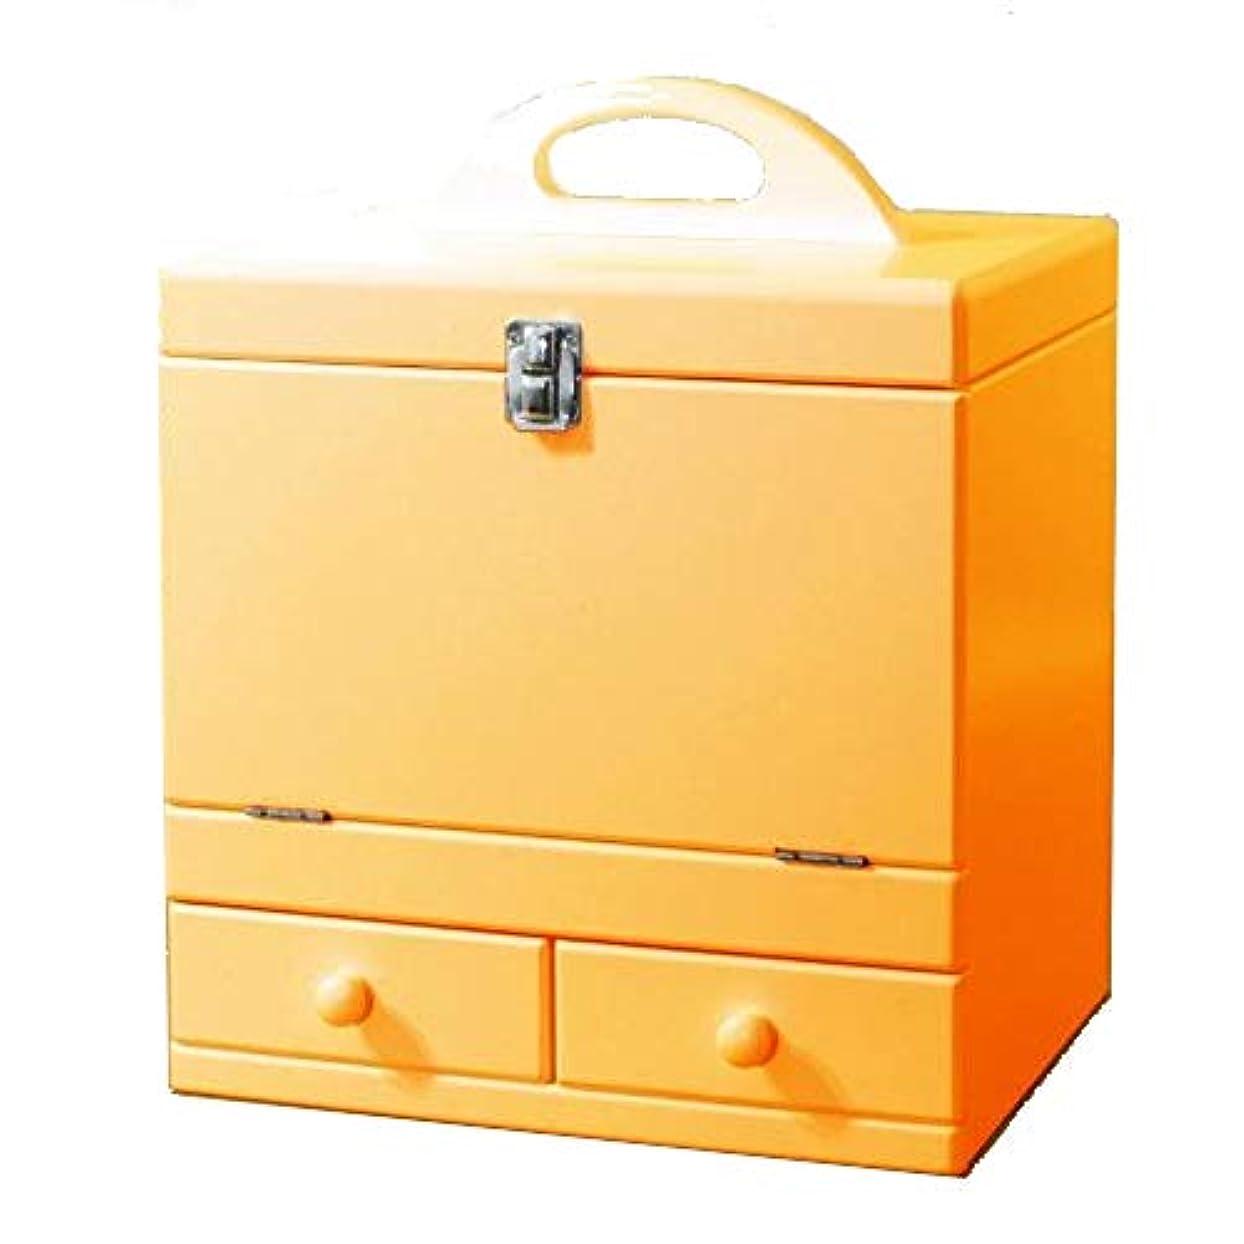 ベーカリーに話すモックメイクボックス 三面鏡付き(色:ナチュラルオレンジ) tu-852 カラフルコスメボックス